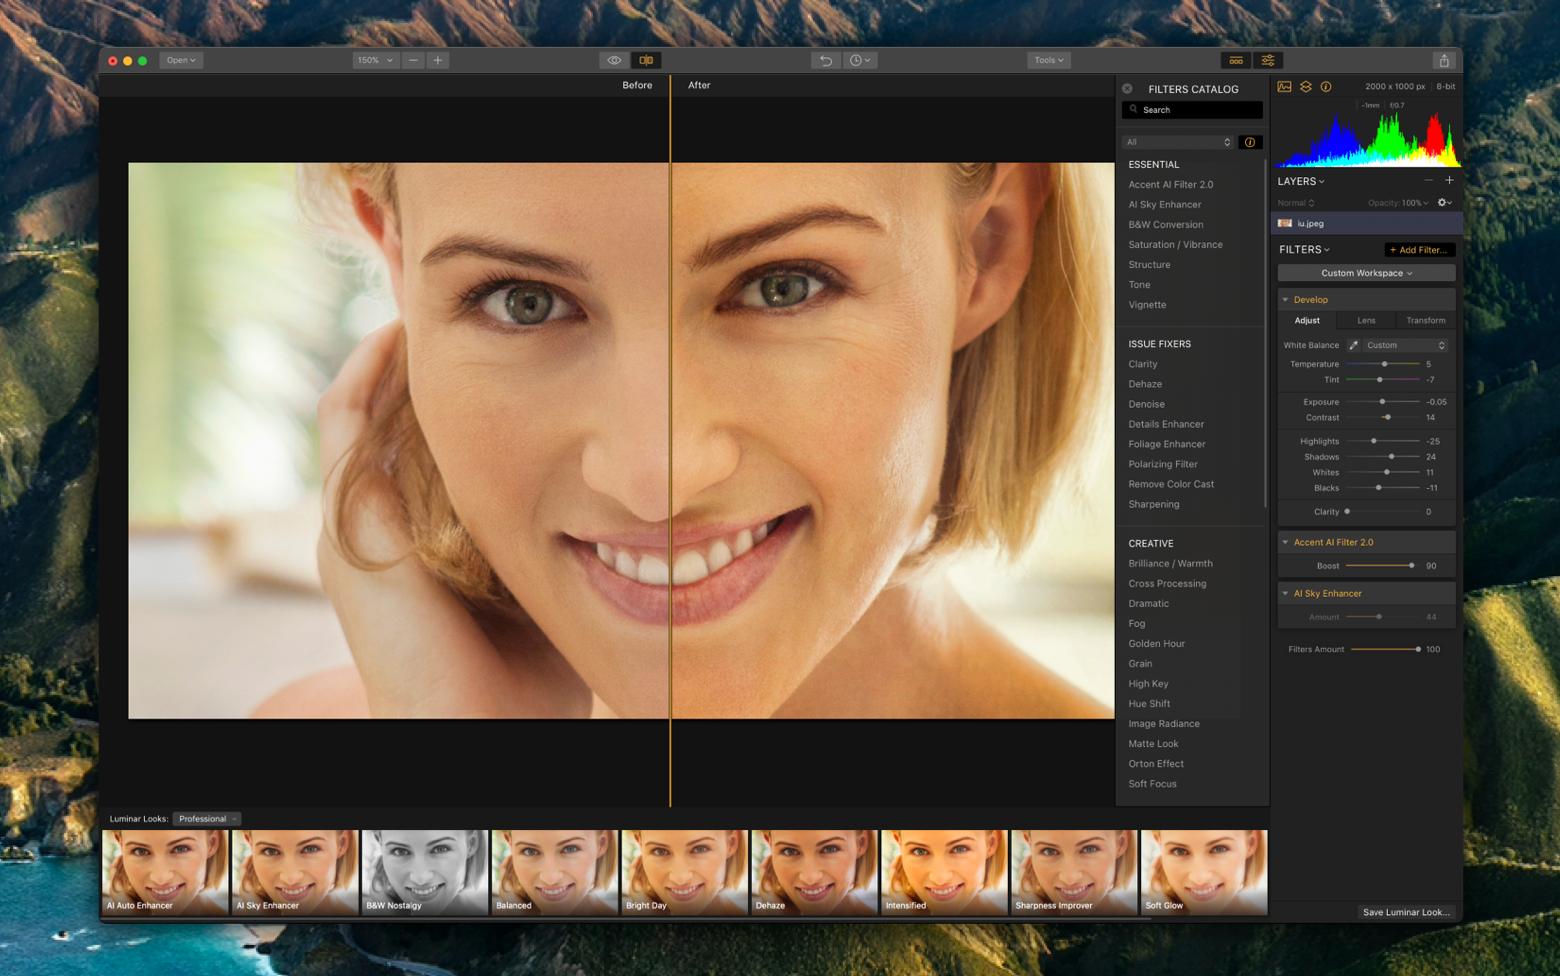 image-enhancement-mac-luminar-flex